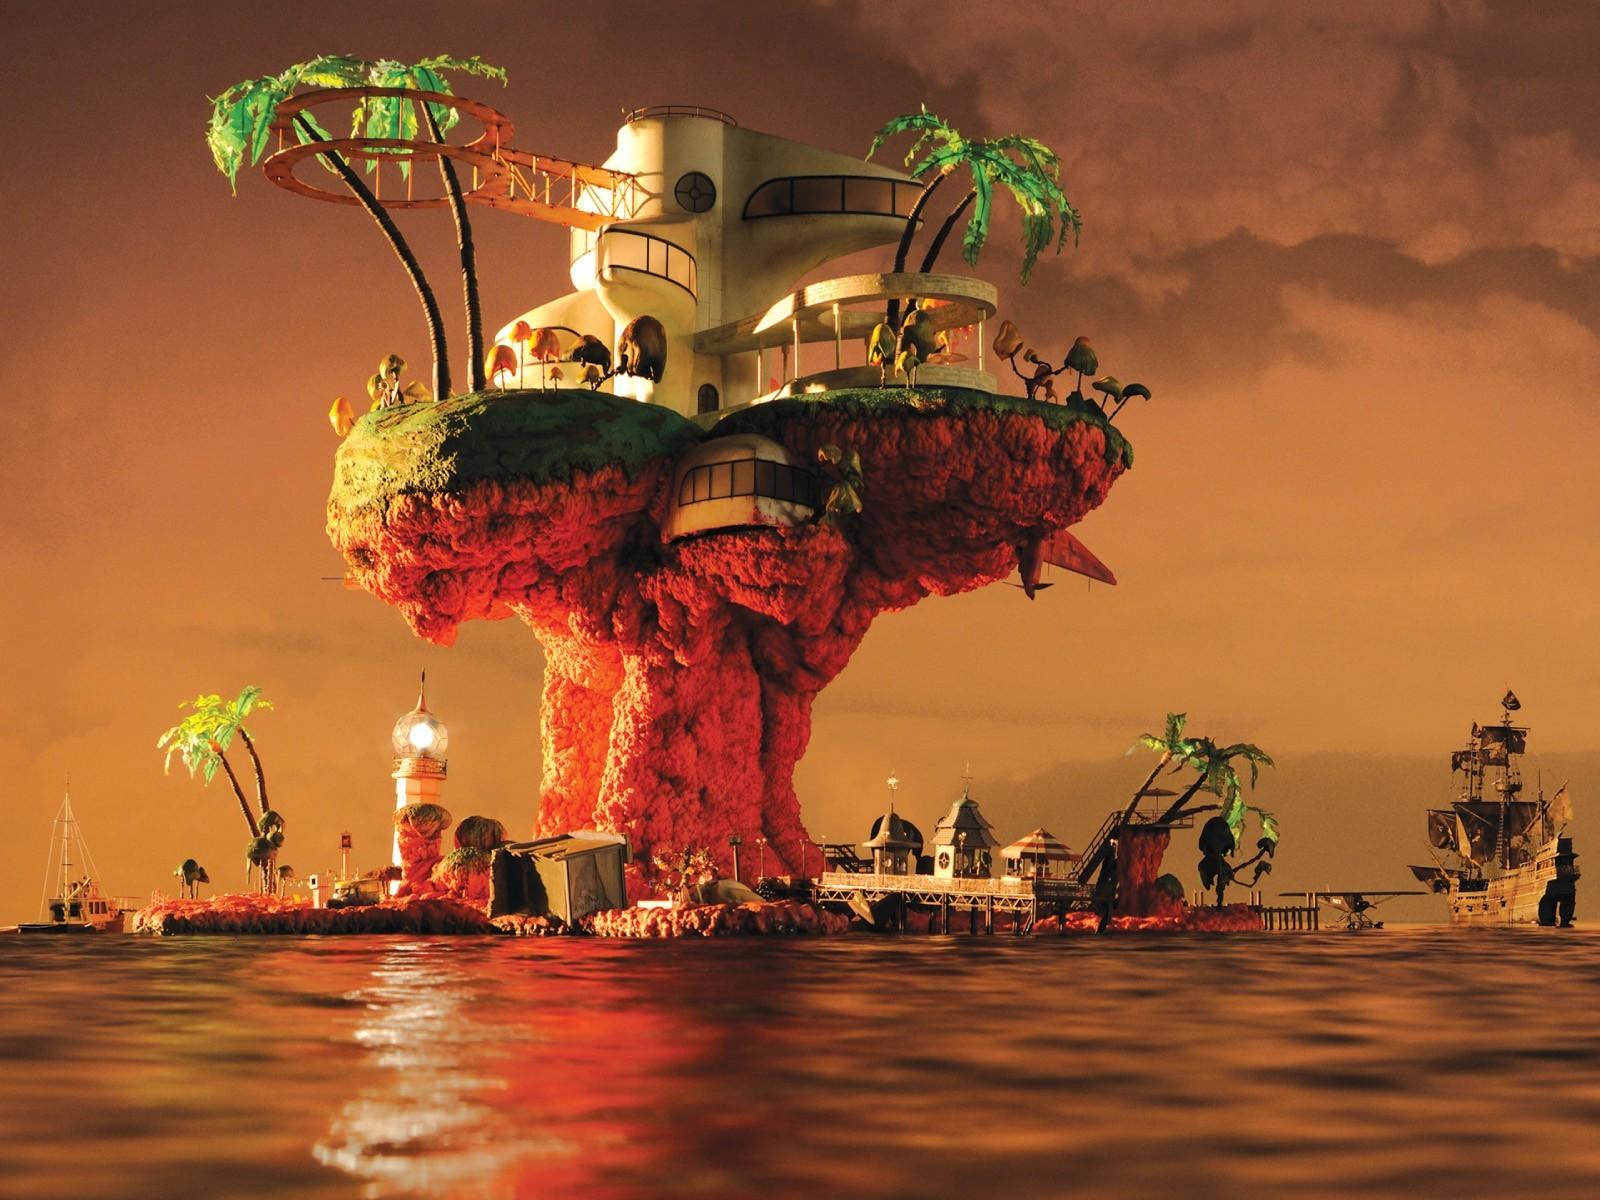 tối Jamie Hewlett Gorillaz Bìa album Bãi biển Nhựa hoa Ảnh chụp màn hình  1600x1200 px